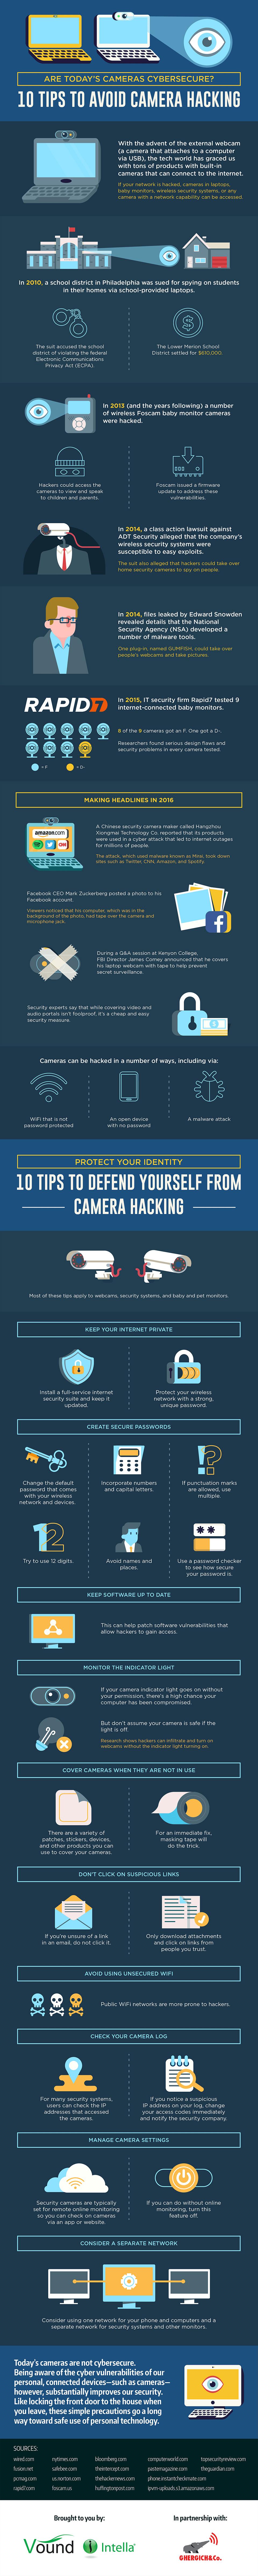 Seguridad - Webcams - Cámaras de Seguridad